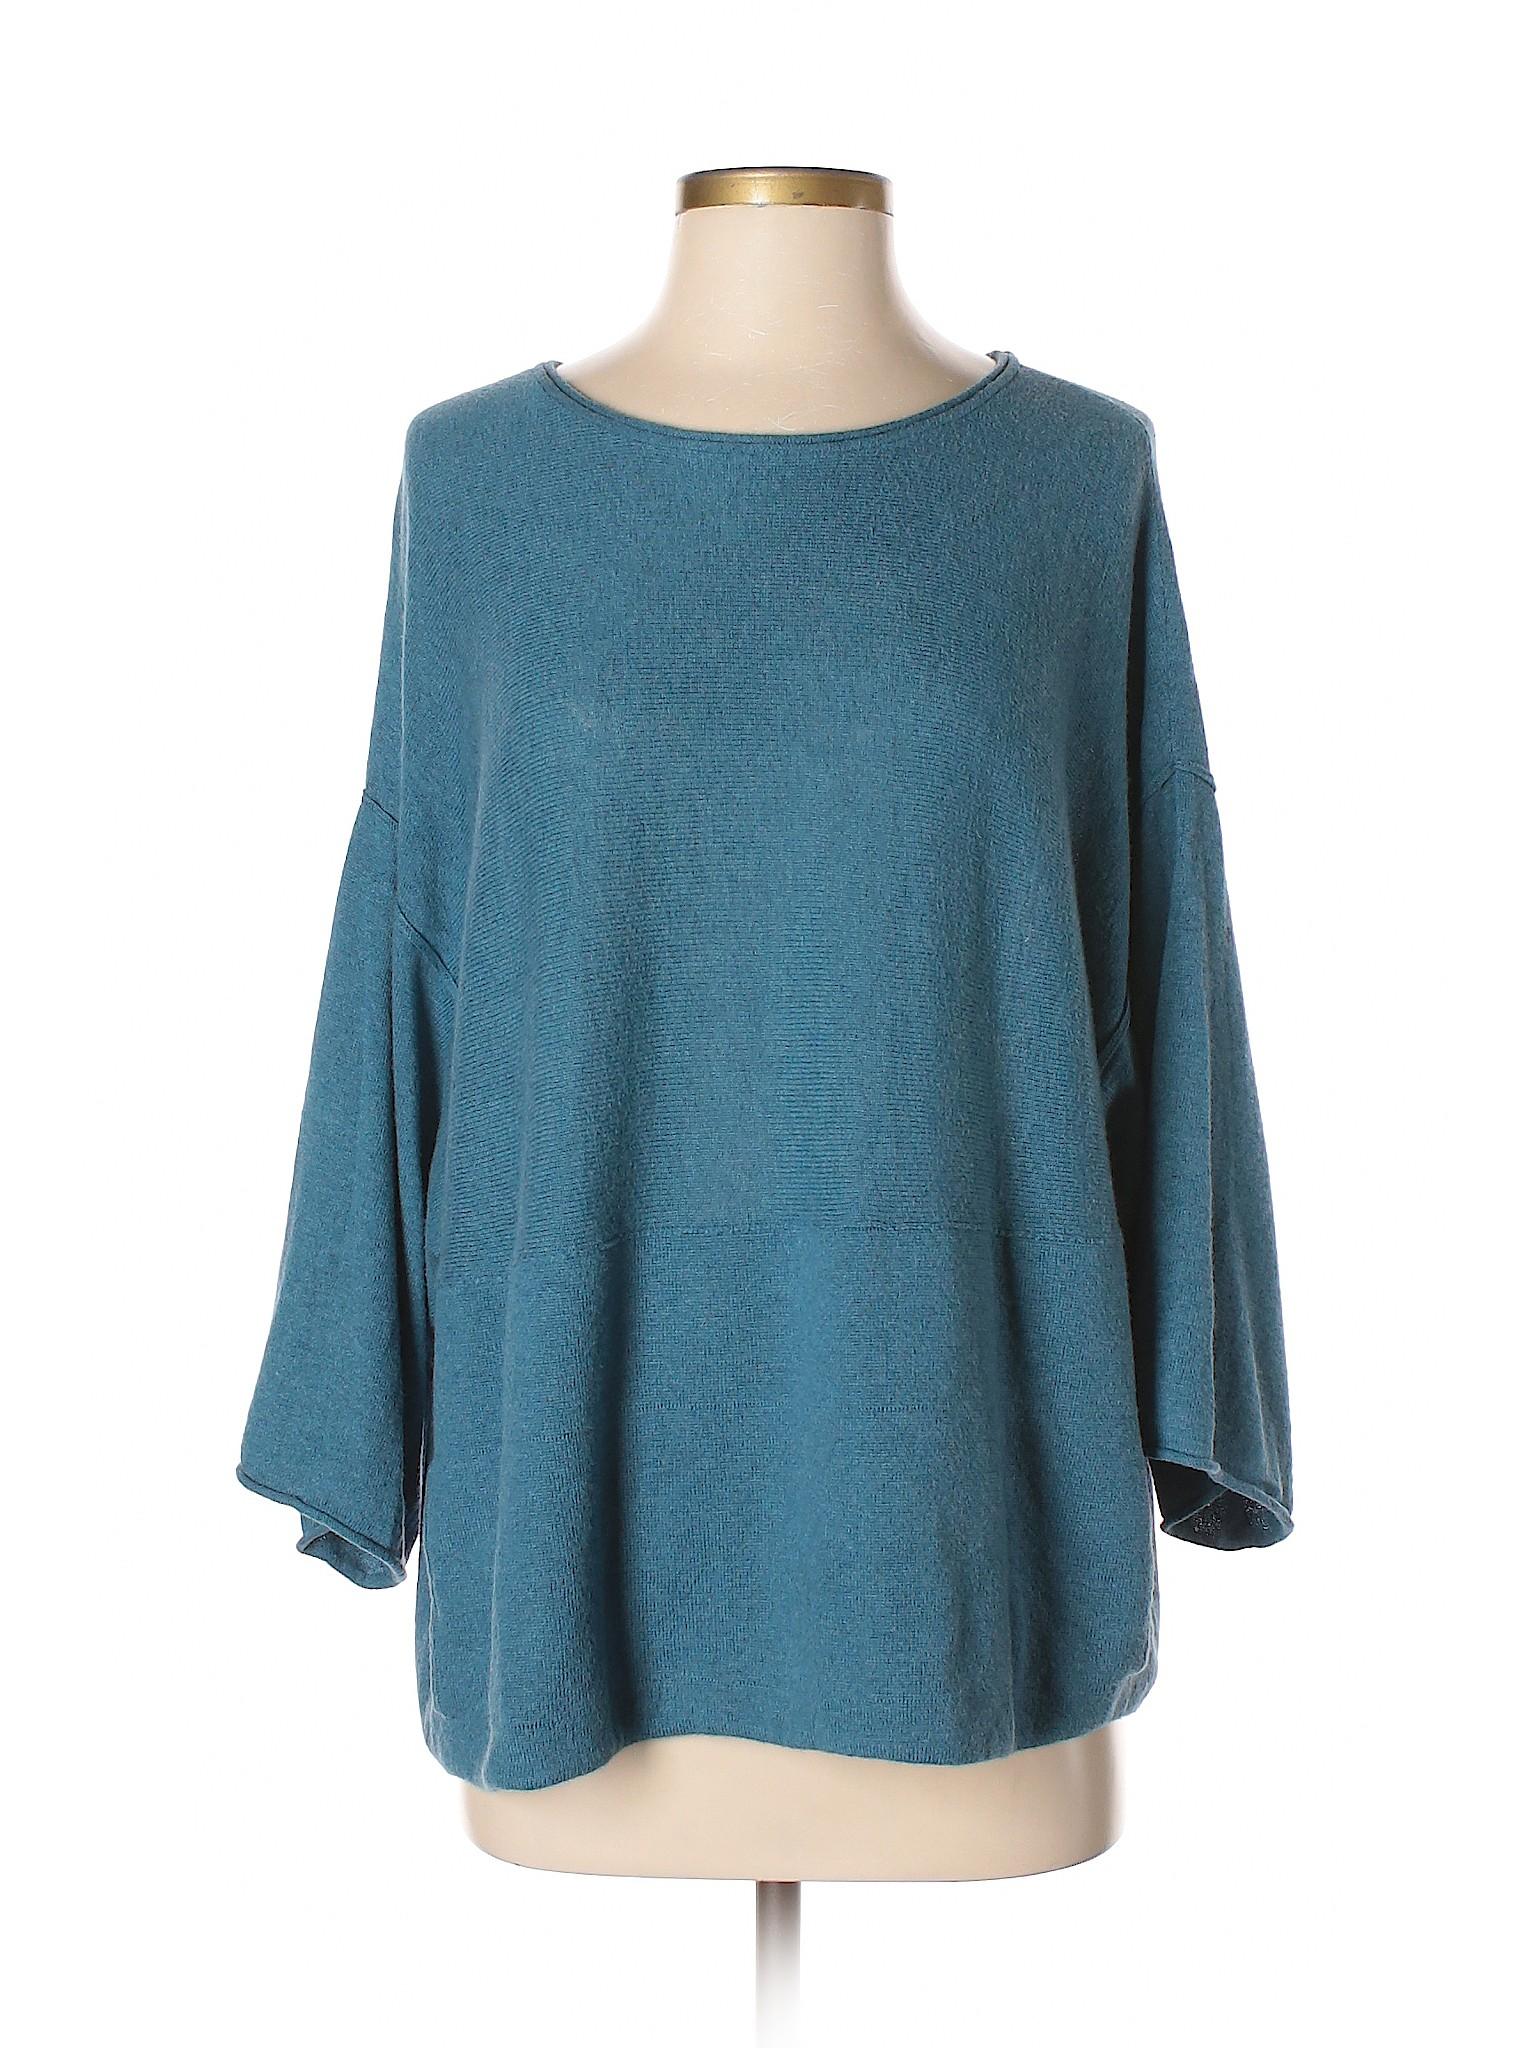 winter Boutique Boutique Sweater Purejill winter Purejill Pullover PtnxH